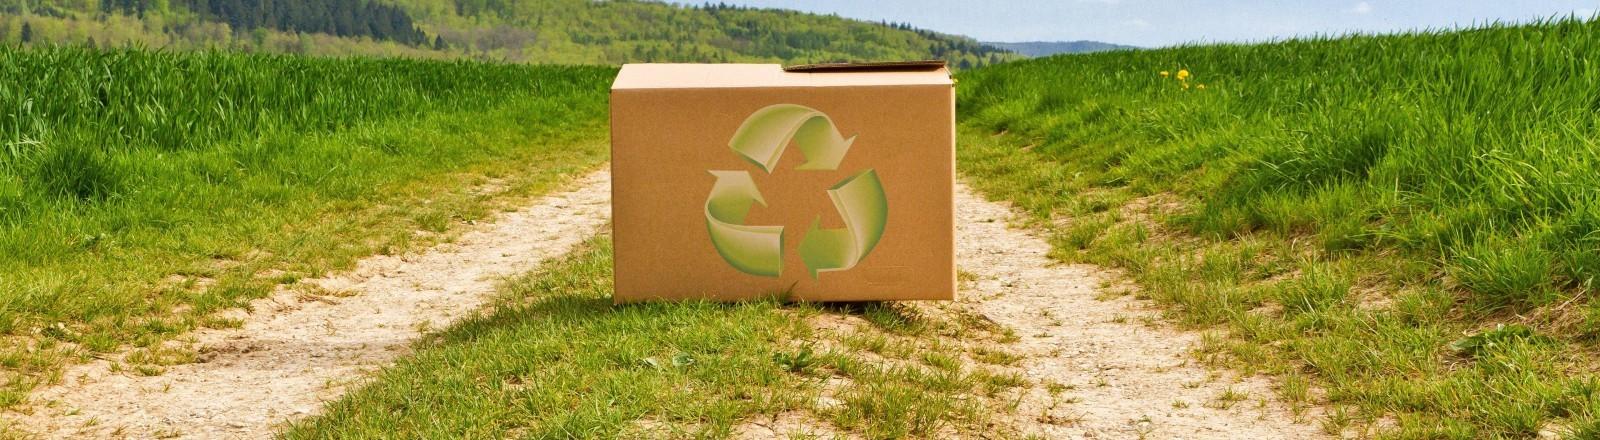 Paket mit Recyclingzeichen steht auf einem Wiesenweg